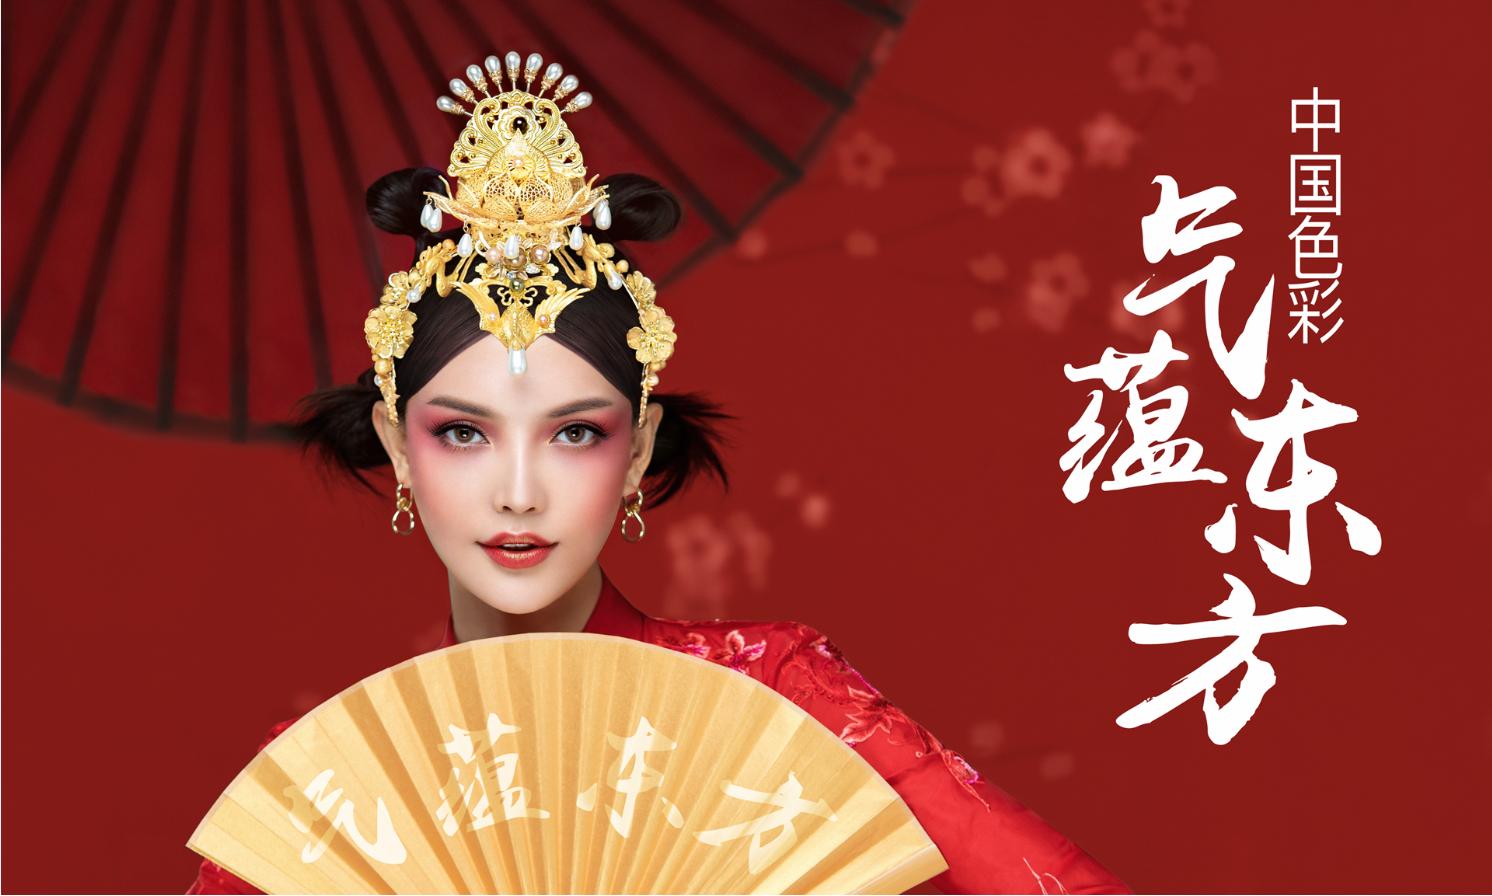 """中国色彩续写华丽篇章,毛戈平美妆""""气蕴东方""""第三季载誉而来!"""